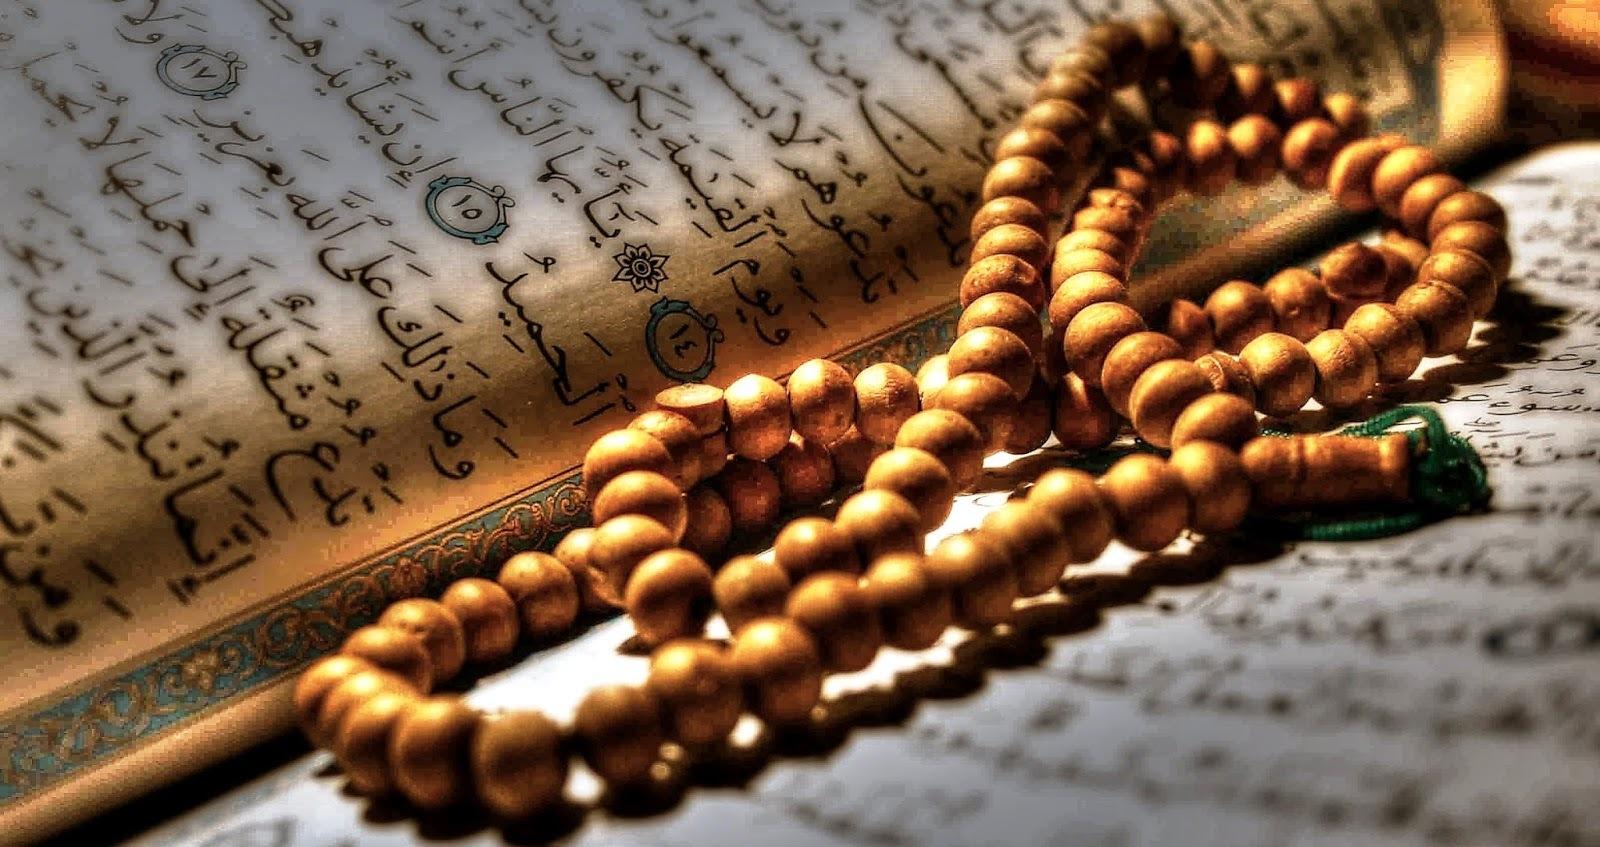 تفسیر آیه 200سوره آل عمران